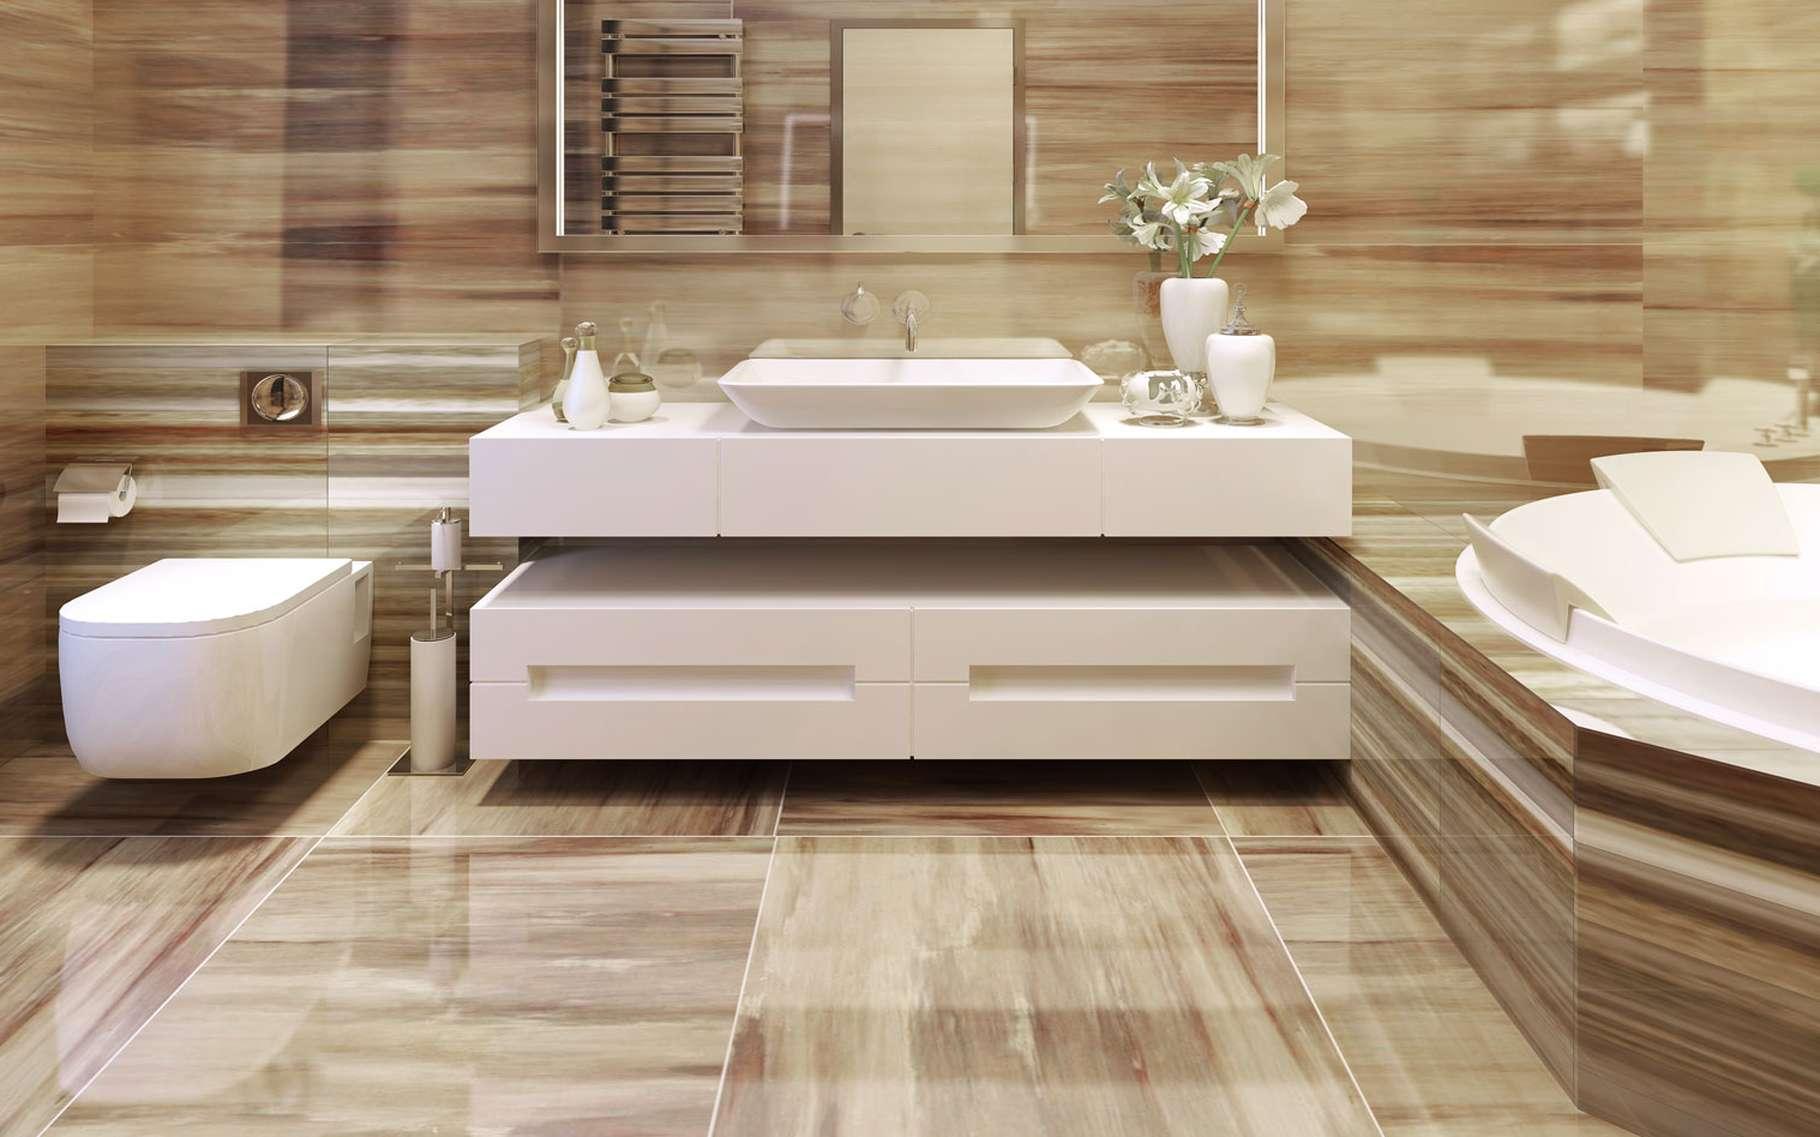 Comment Nettoyer Une Baignoire En Fonte Émaillée rénover sa salle de bain étape par étape   dossier